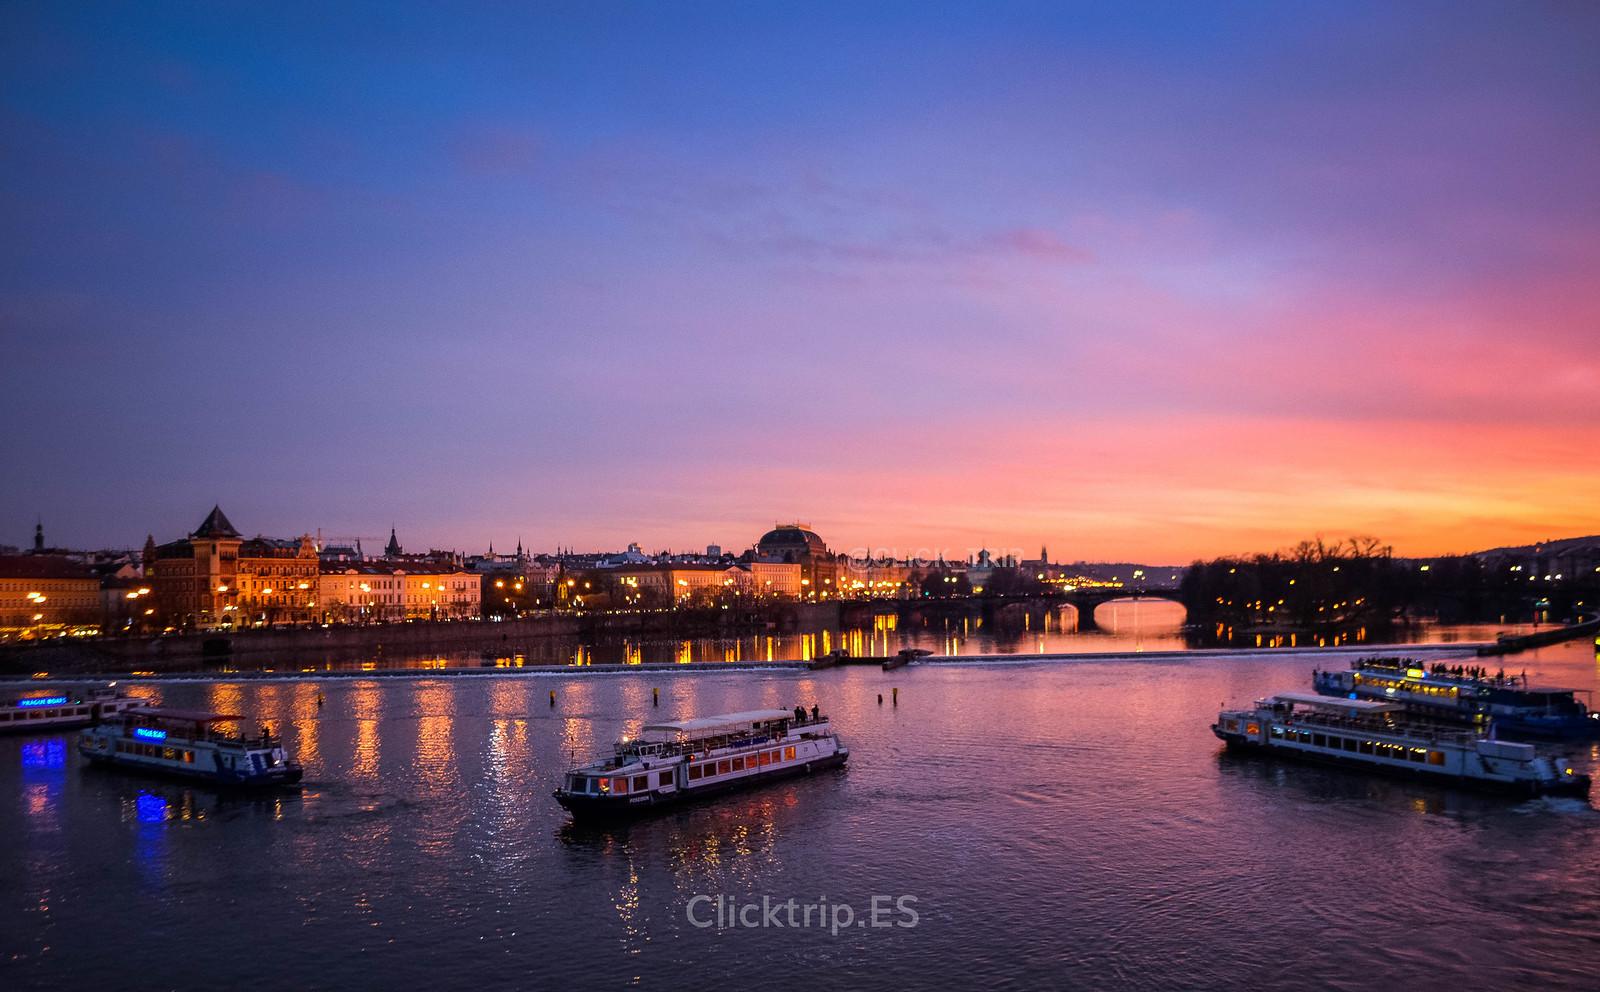 · Vistas desde el puente de Carlos al atardecer ·